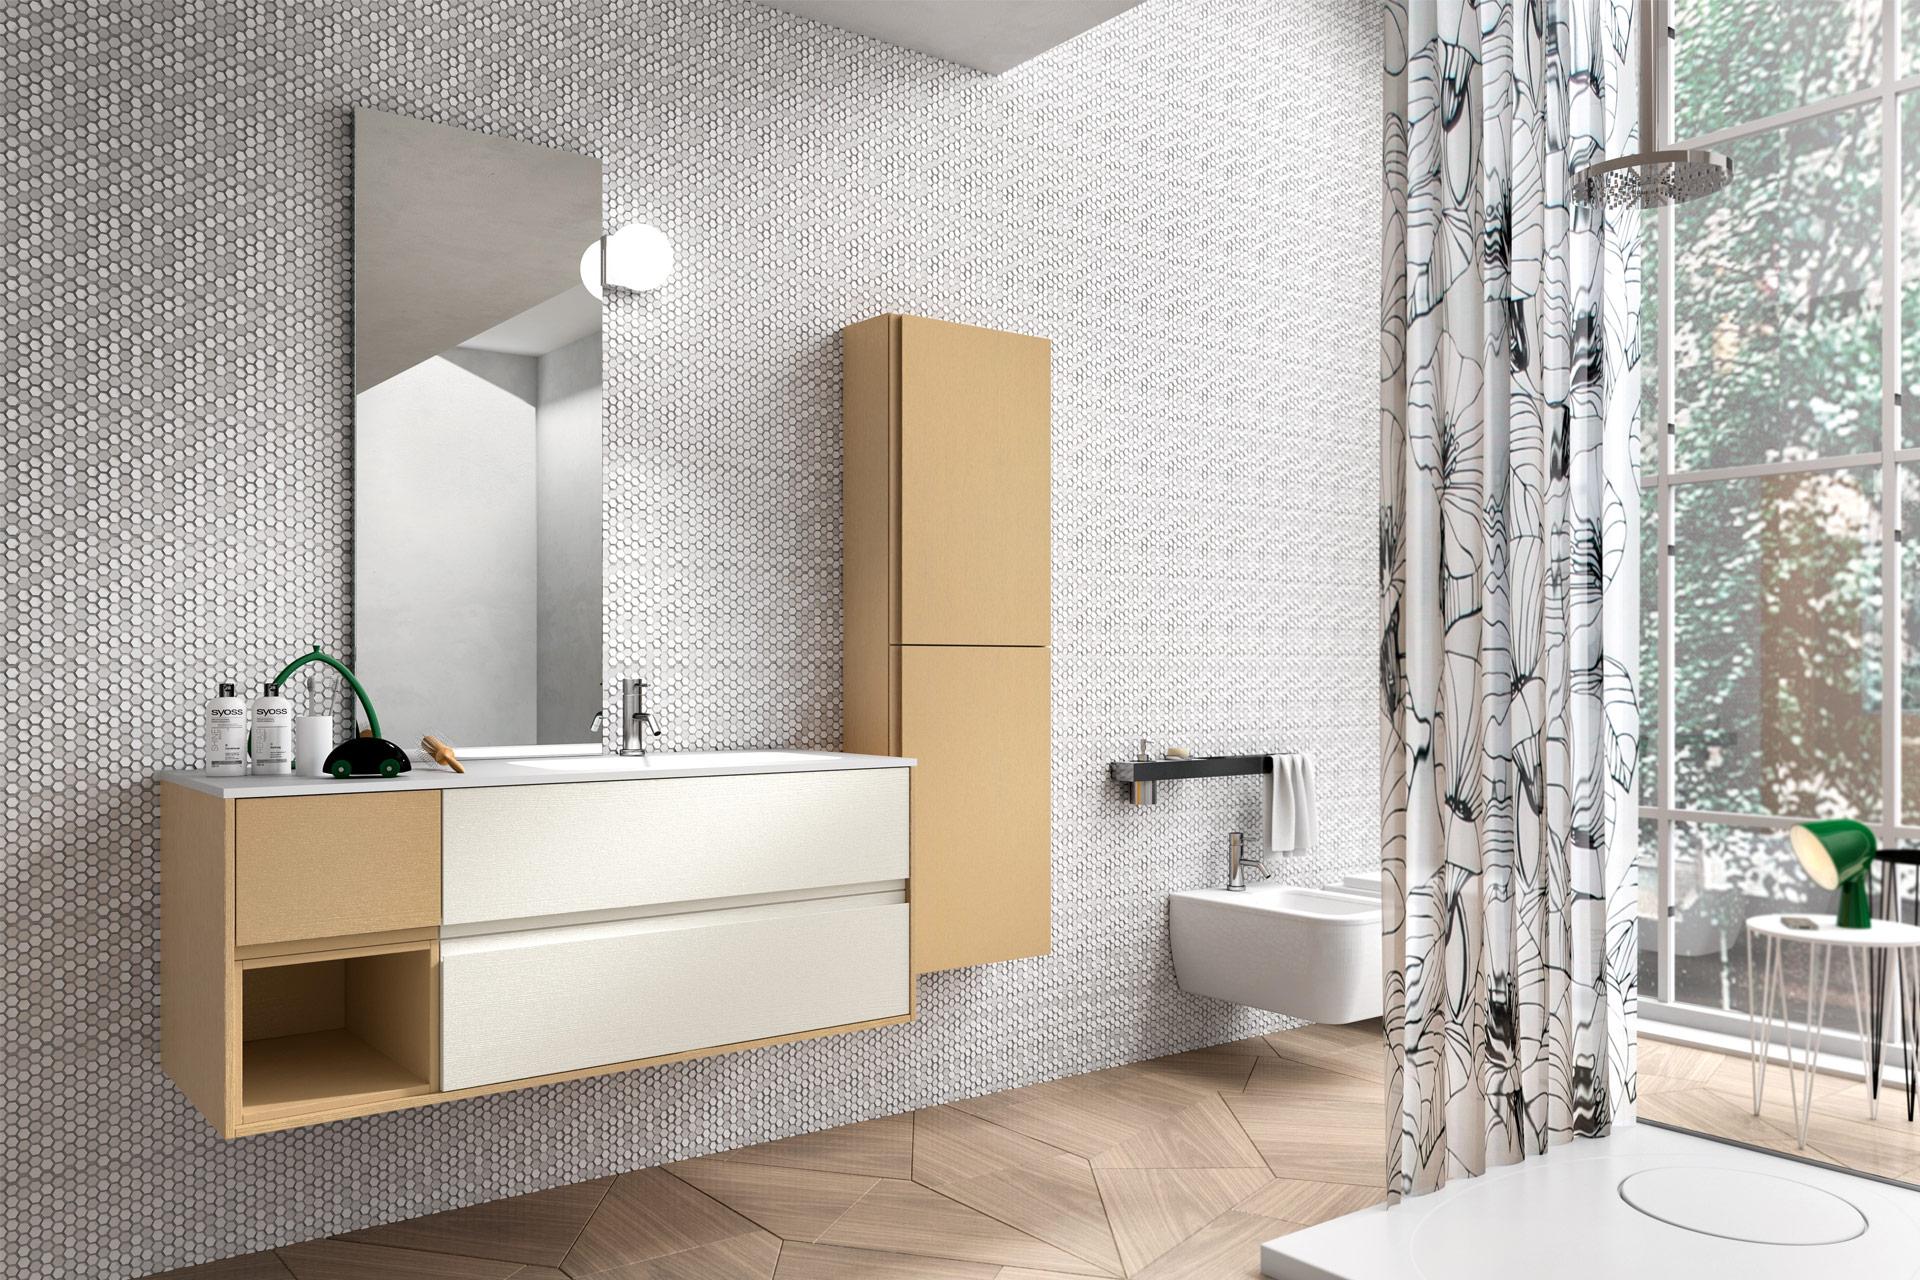 Bagni Moderni Brescia : Bagni in stile moderno torino sumisura fabbrica arredamenti